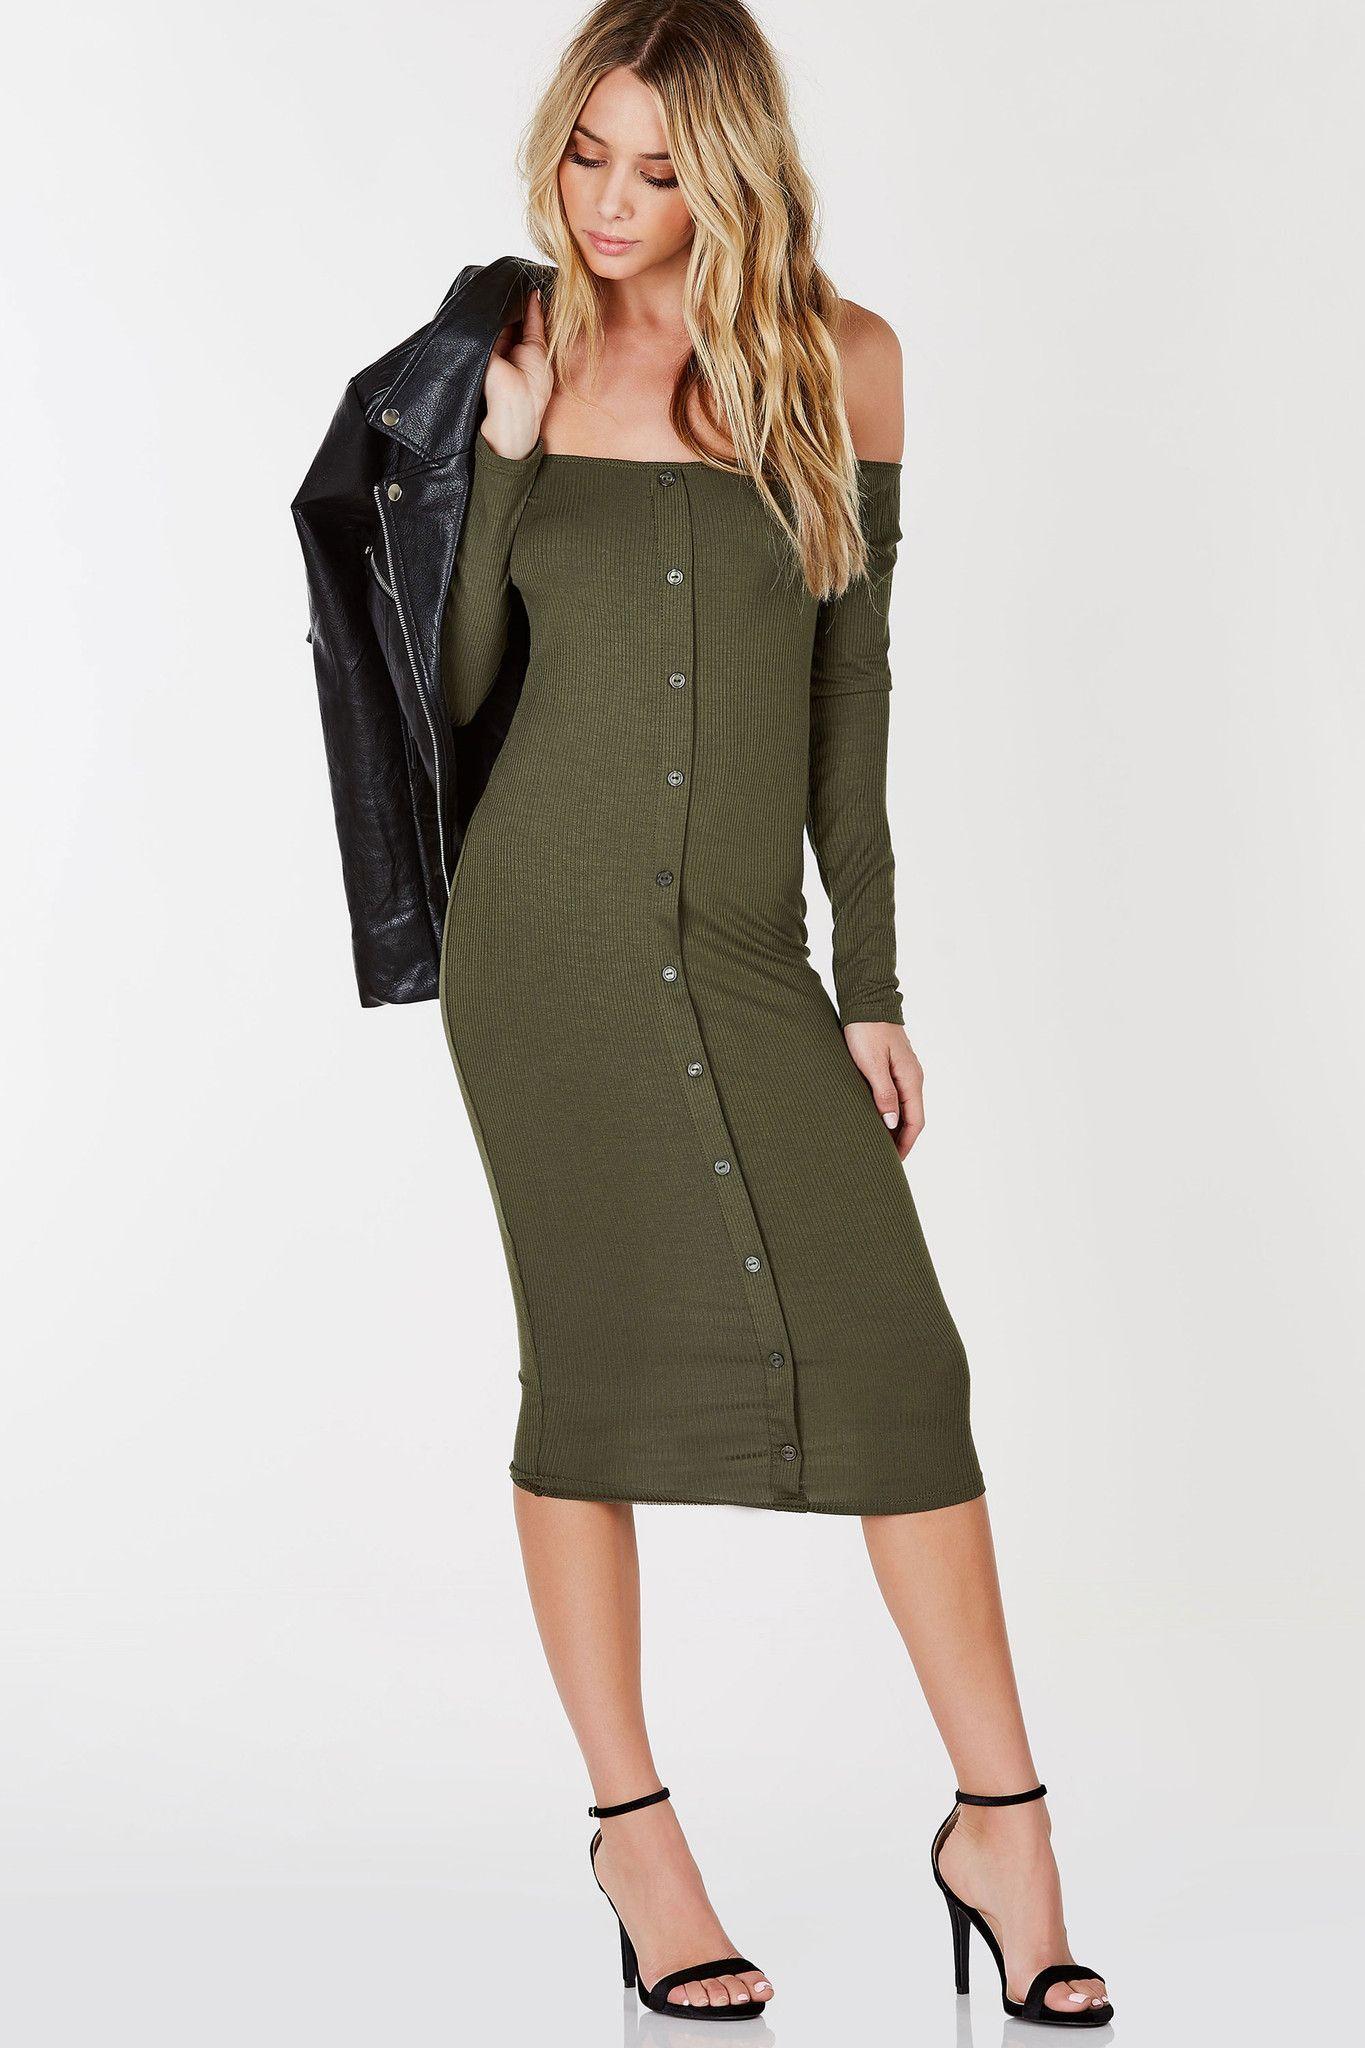 7b23074493cc A flattering off shoulder dress